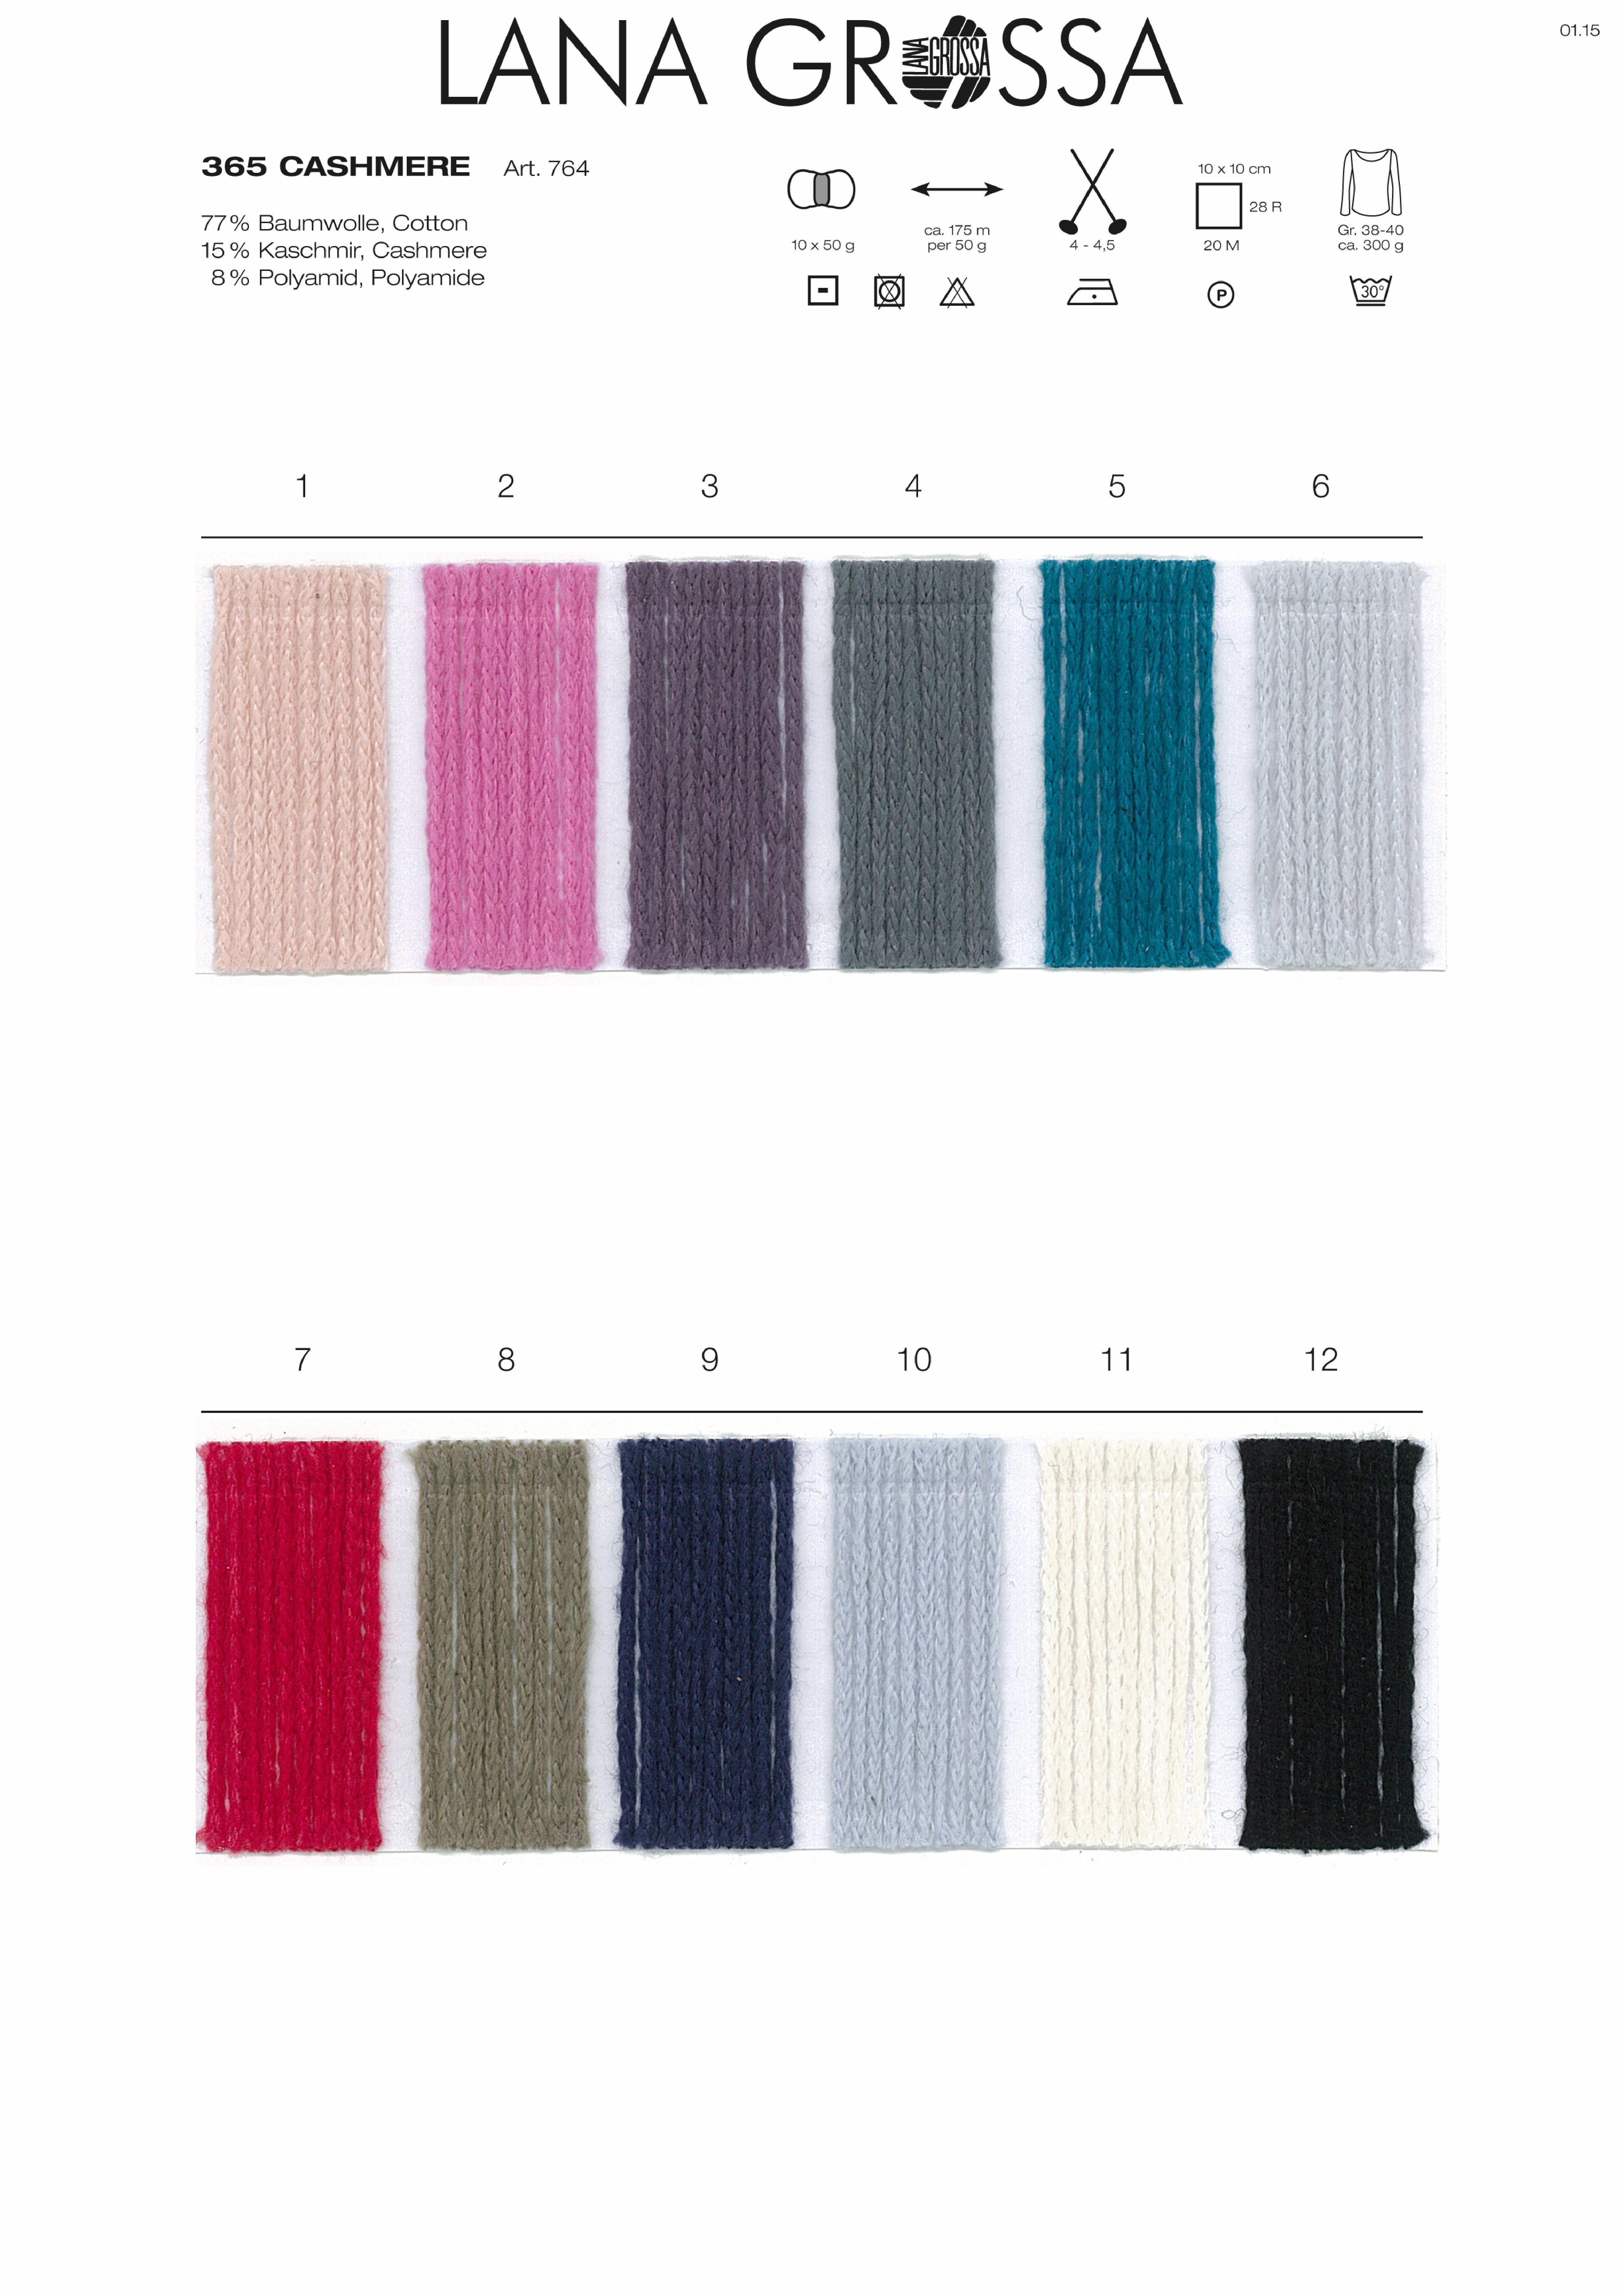 365 cashmere lana grossa online shop. Black Bedroom Furniture Sets. Home Design Ideas